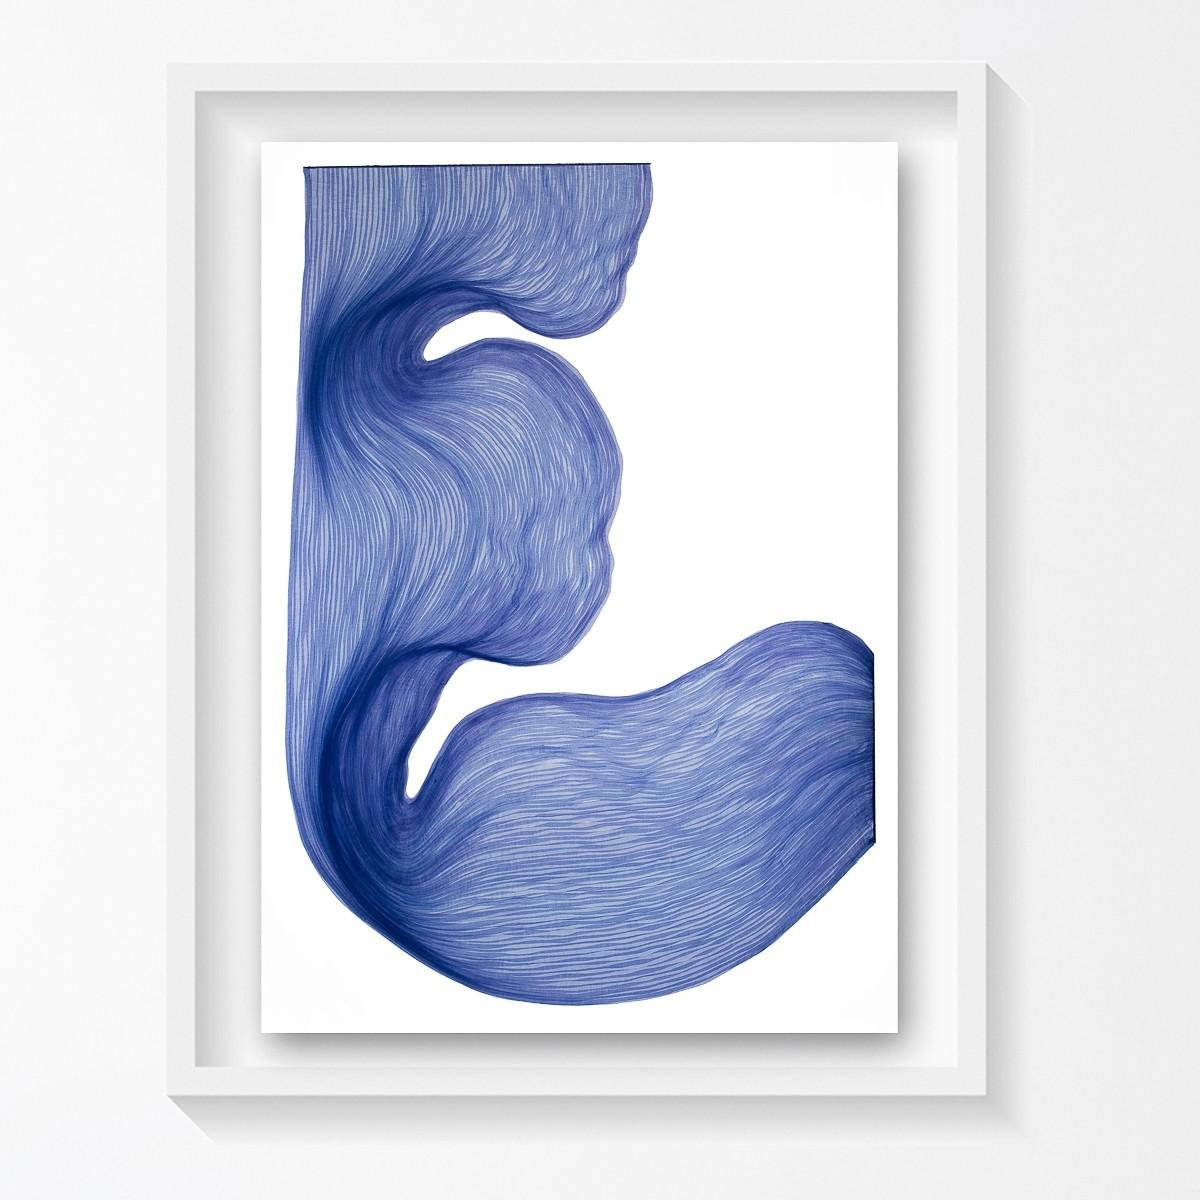 Lavender Blue | Lali Torma | Zeichnung | Kalligraphietusche auf Papier, gerahmt